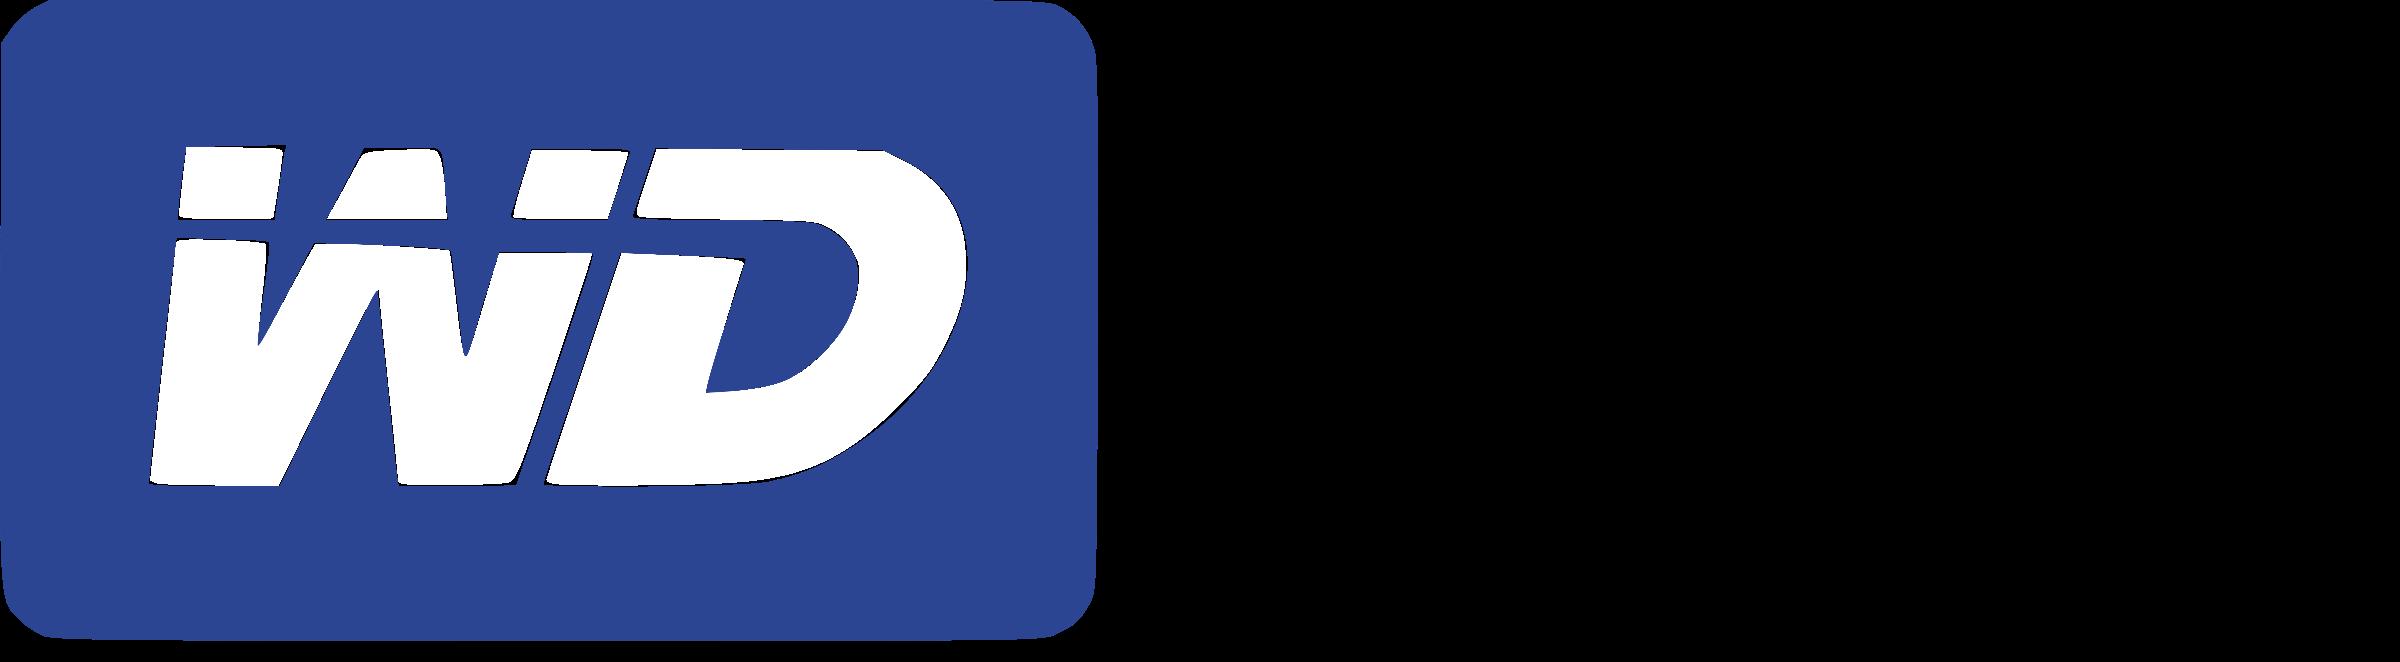 Western Digital Logo PNG Transparent & SVG Vector.